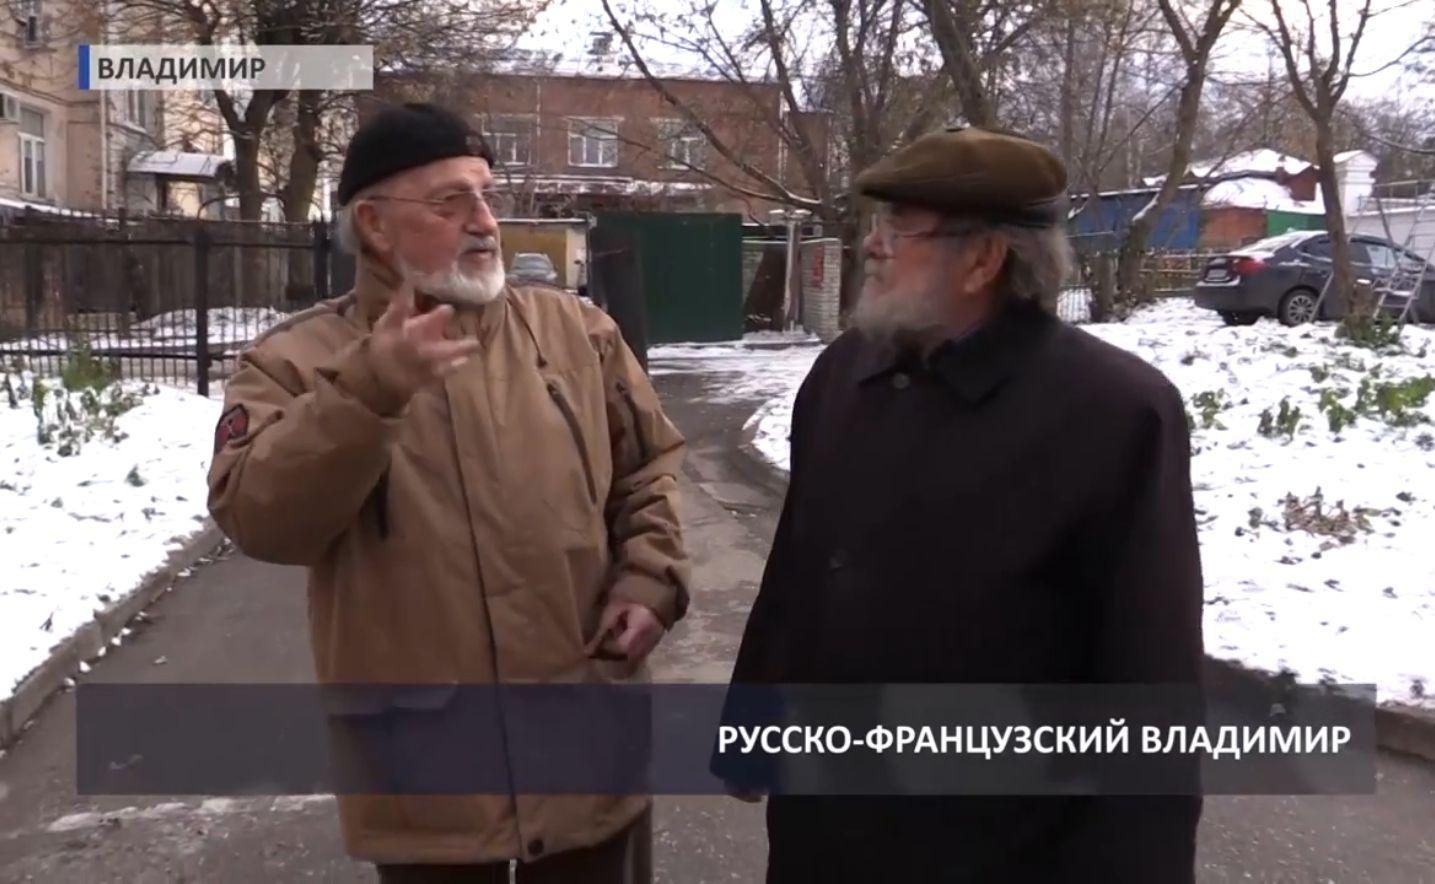 Репортаж о Даниэле Малле во Владимире